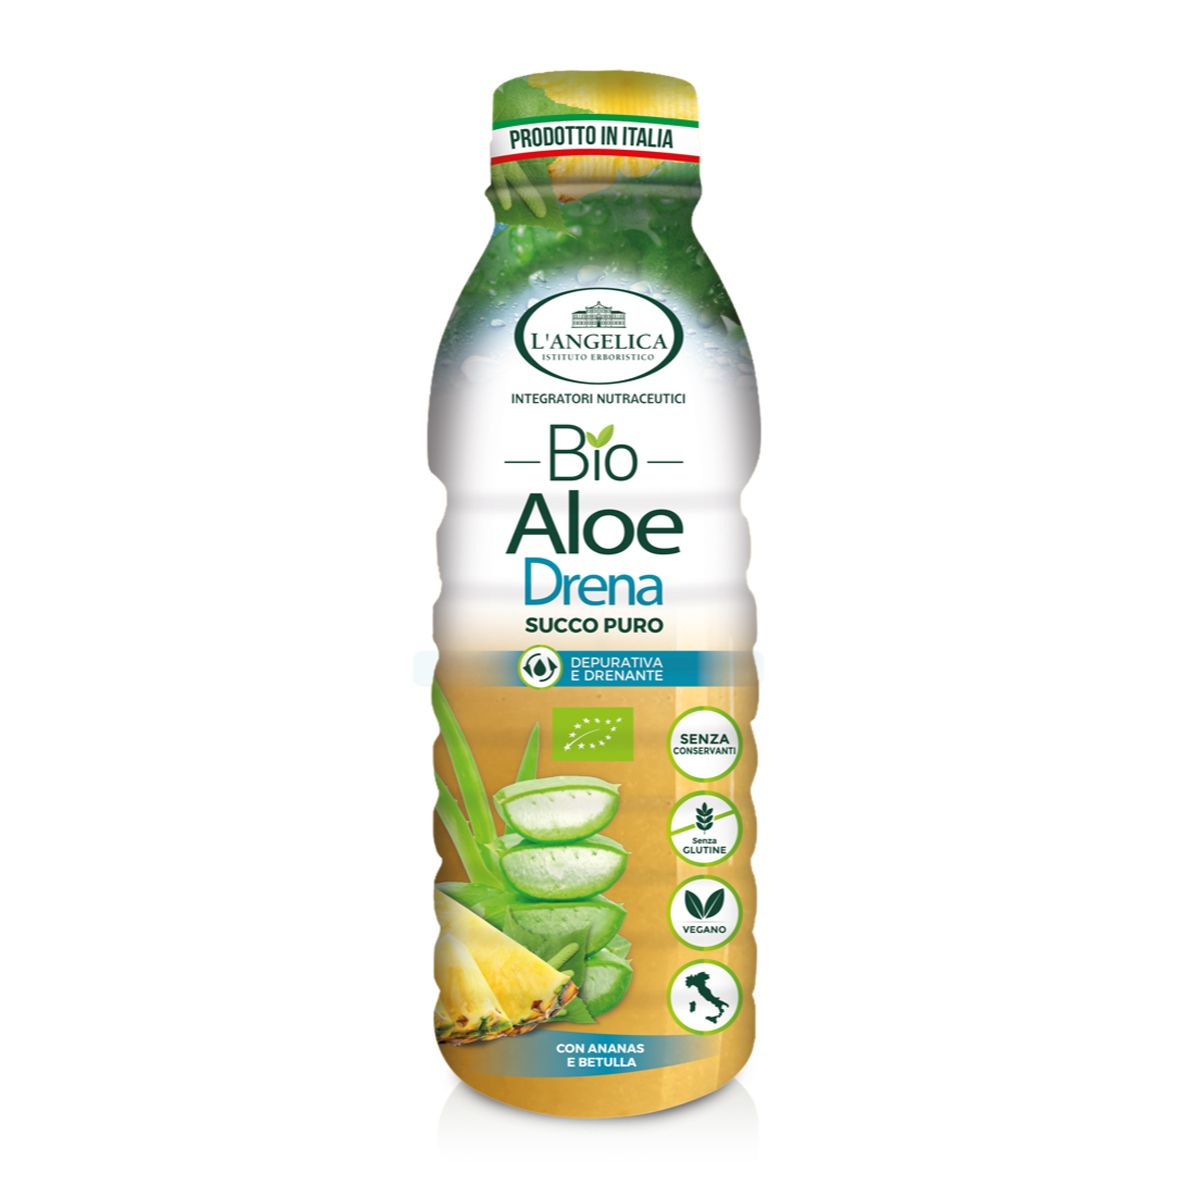 Aloe Drena Bio - Integratore drenante e depurativo